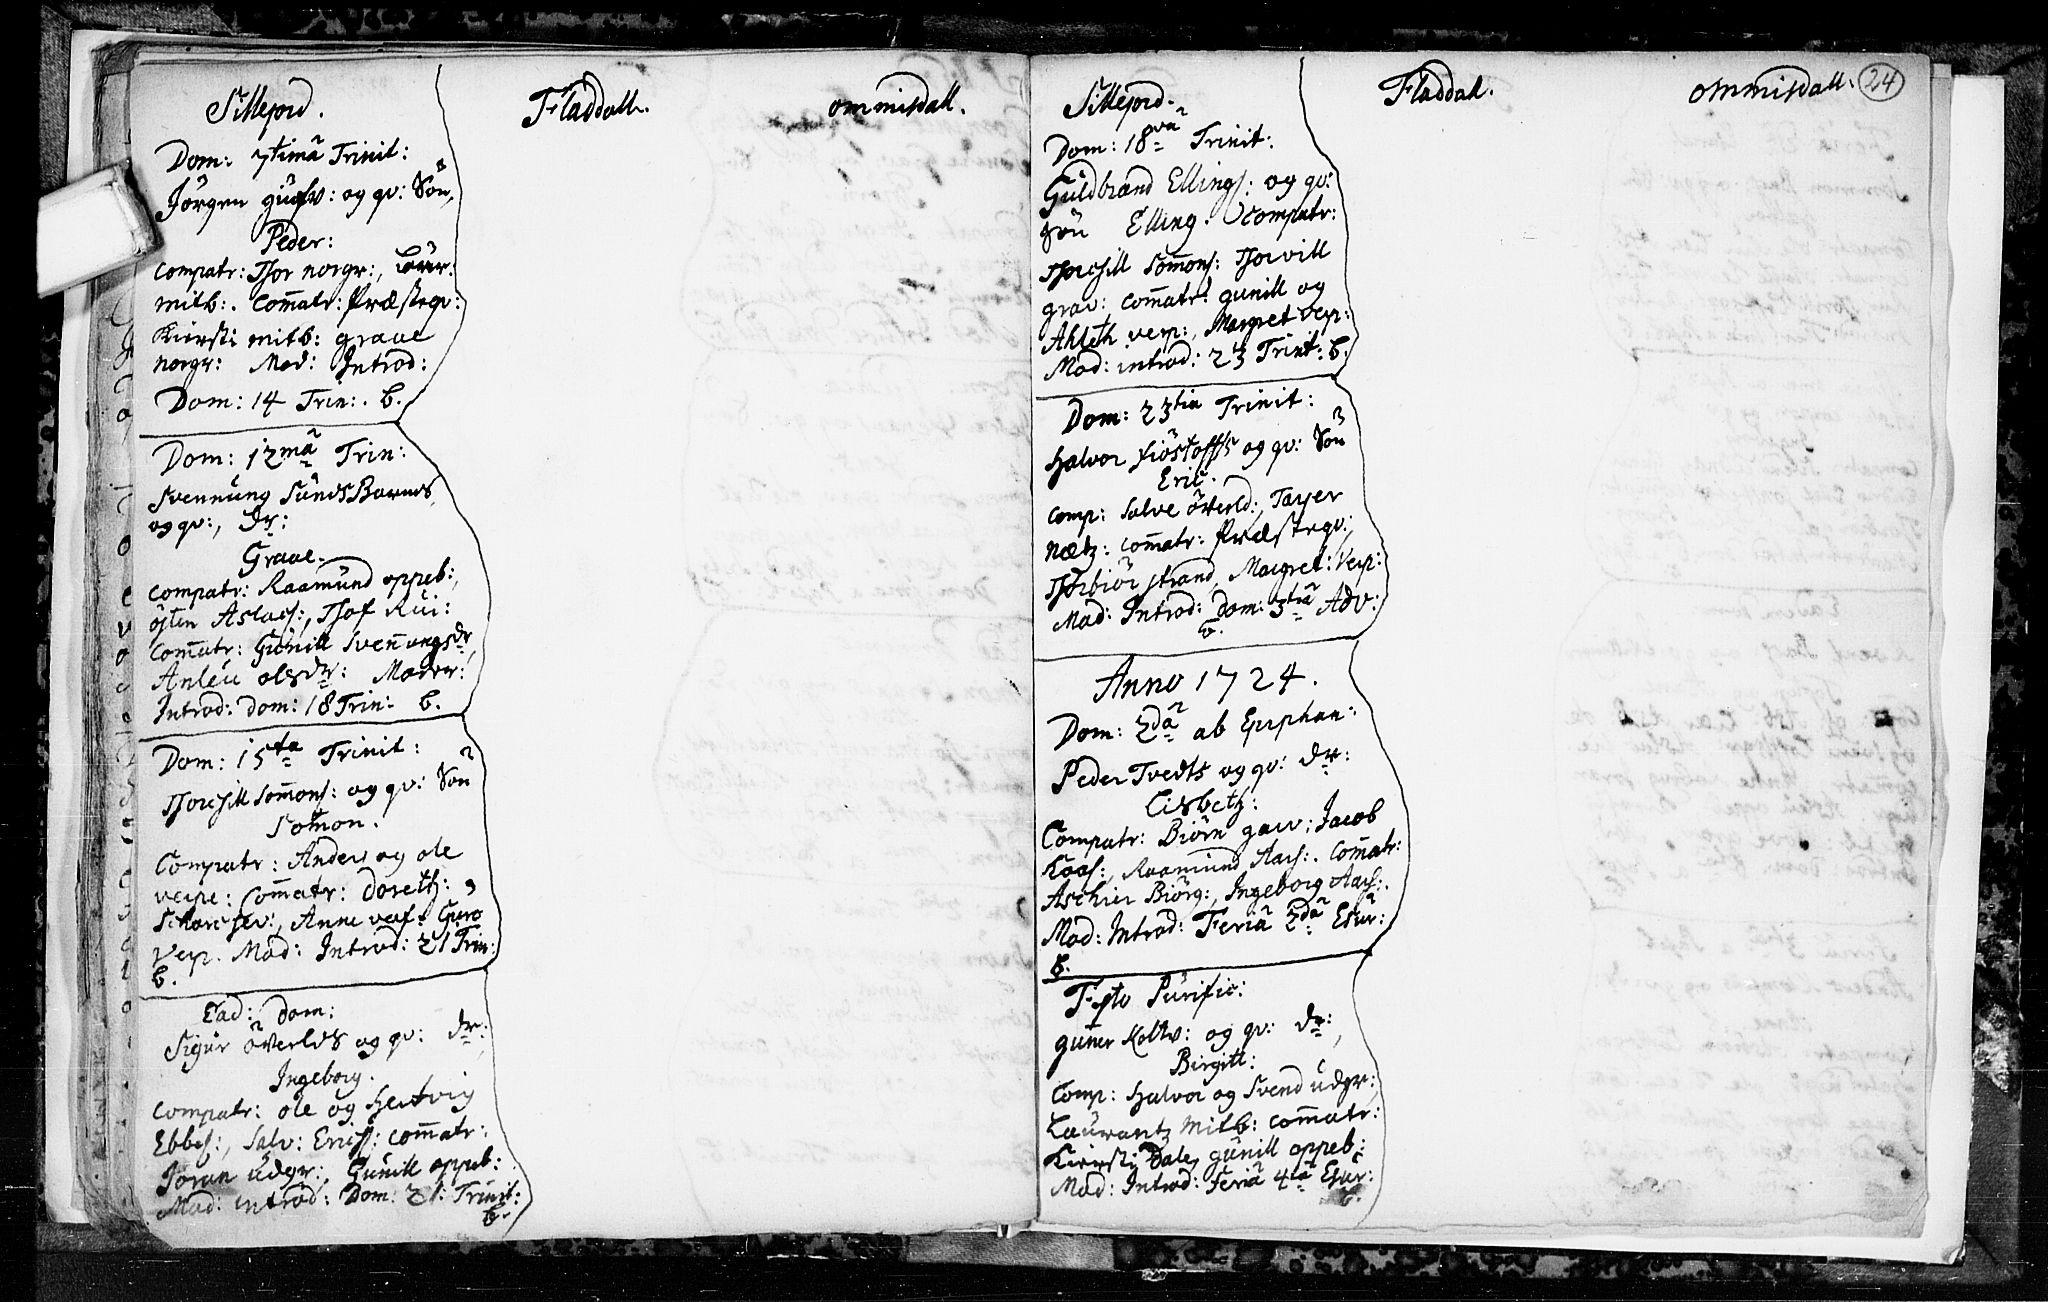 SAKO, Seljord kirkebøker, F/Fa/L0003: Ministerialbok nr. I 3, 1714-1725, s. 24